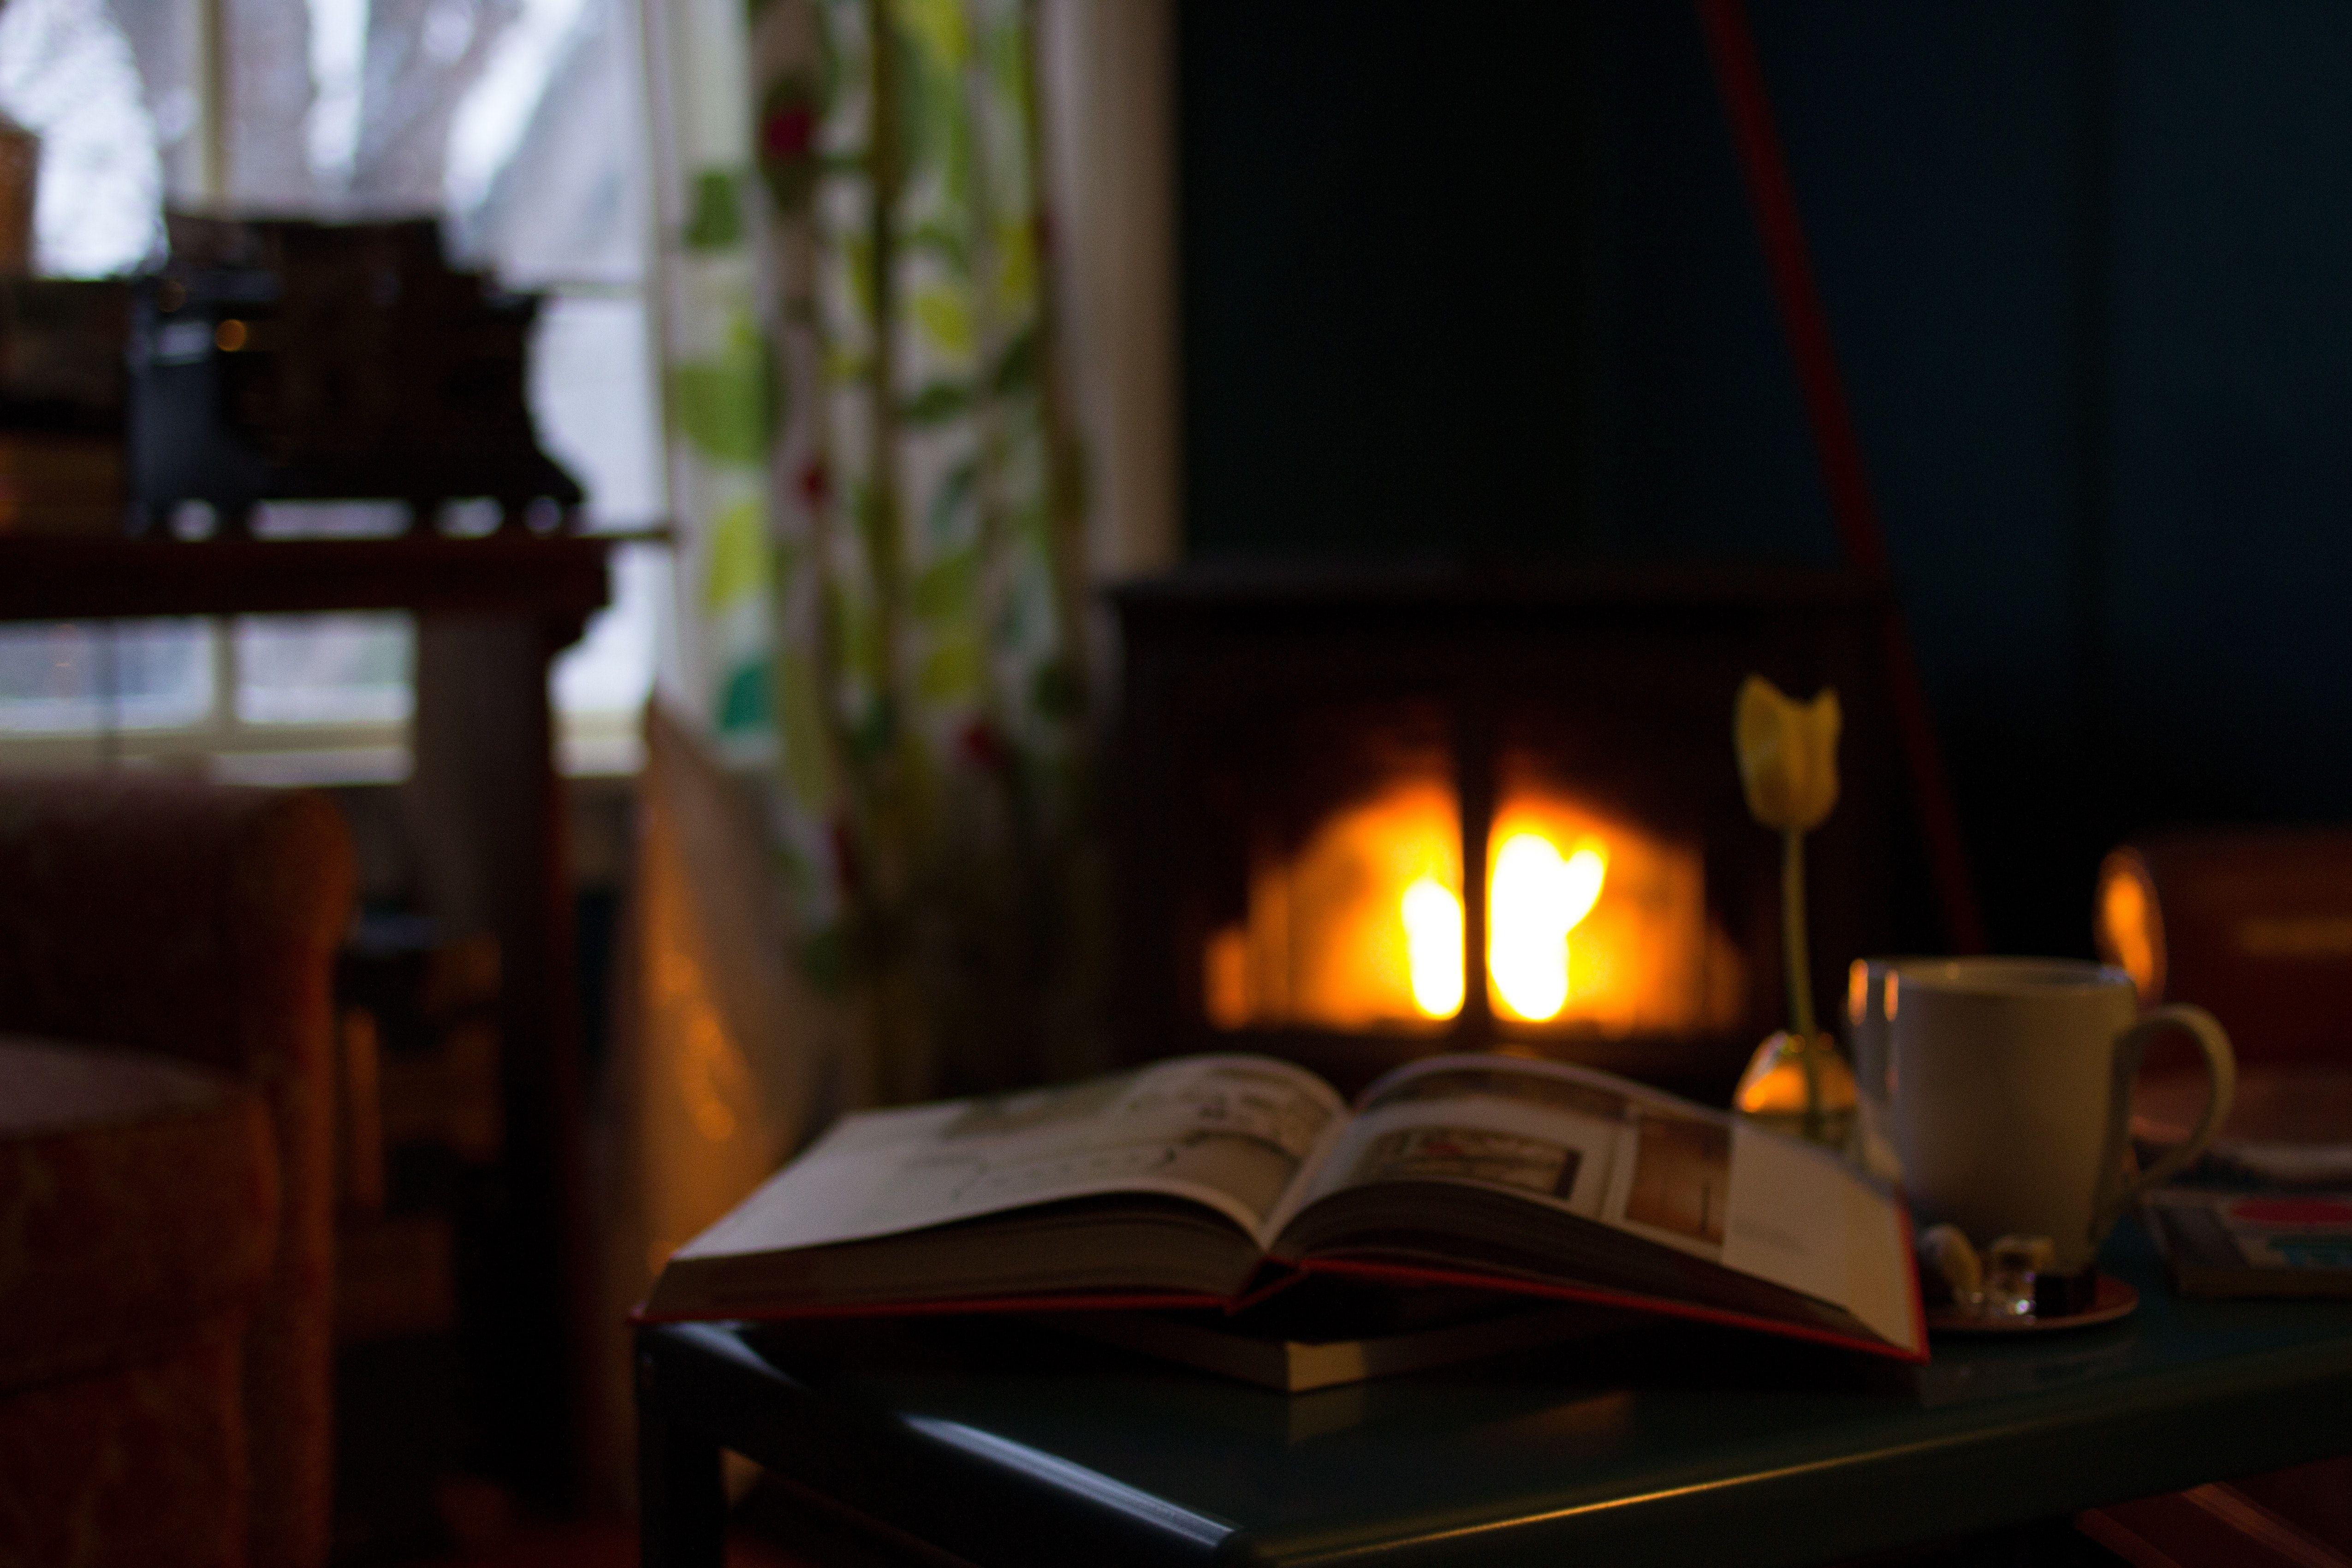 book cozy warm fireplace fire den read firelight interior